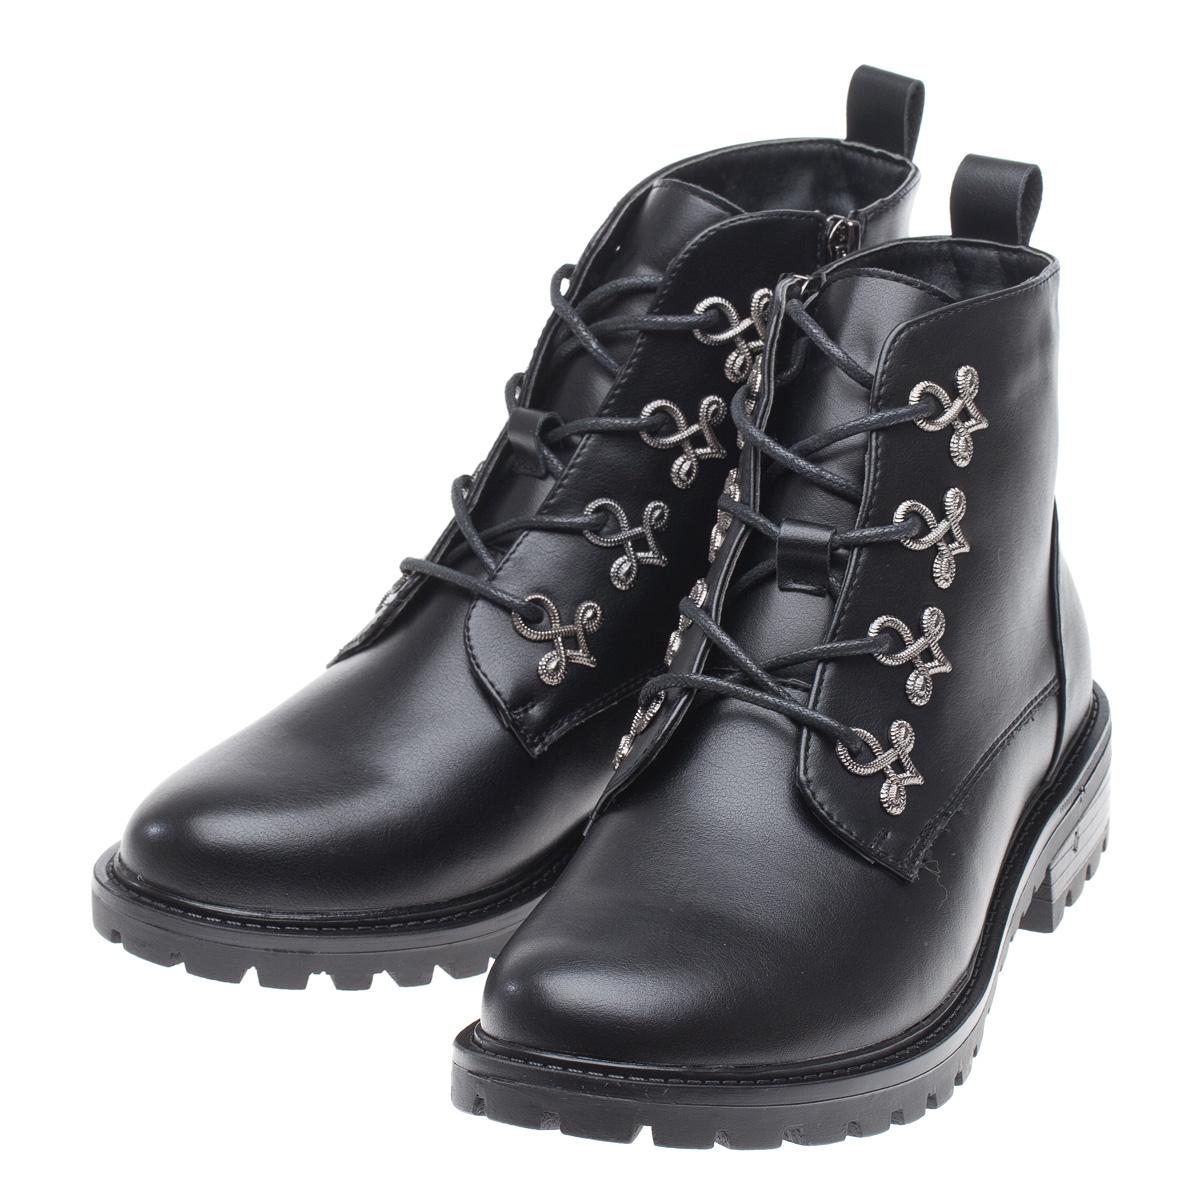 Ботинки демисезонные FERTO, D19-6795